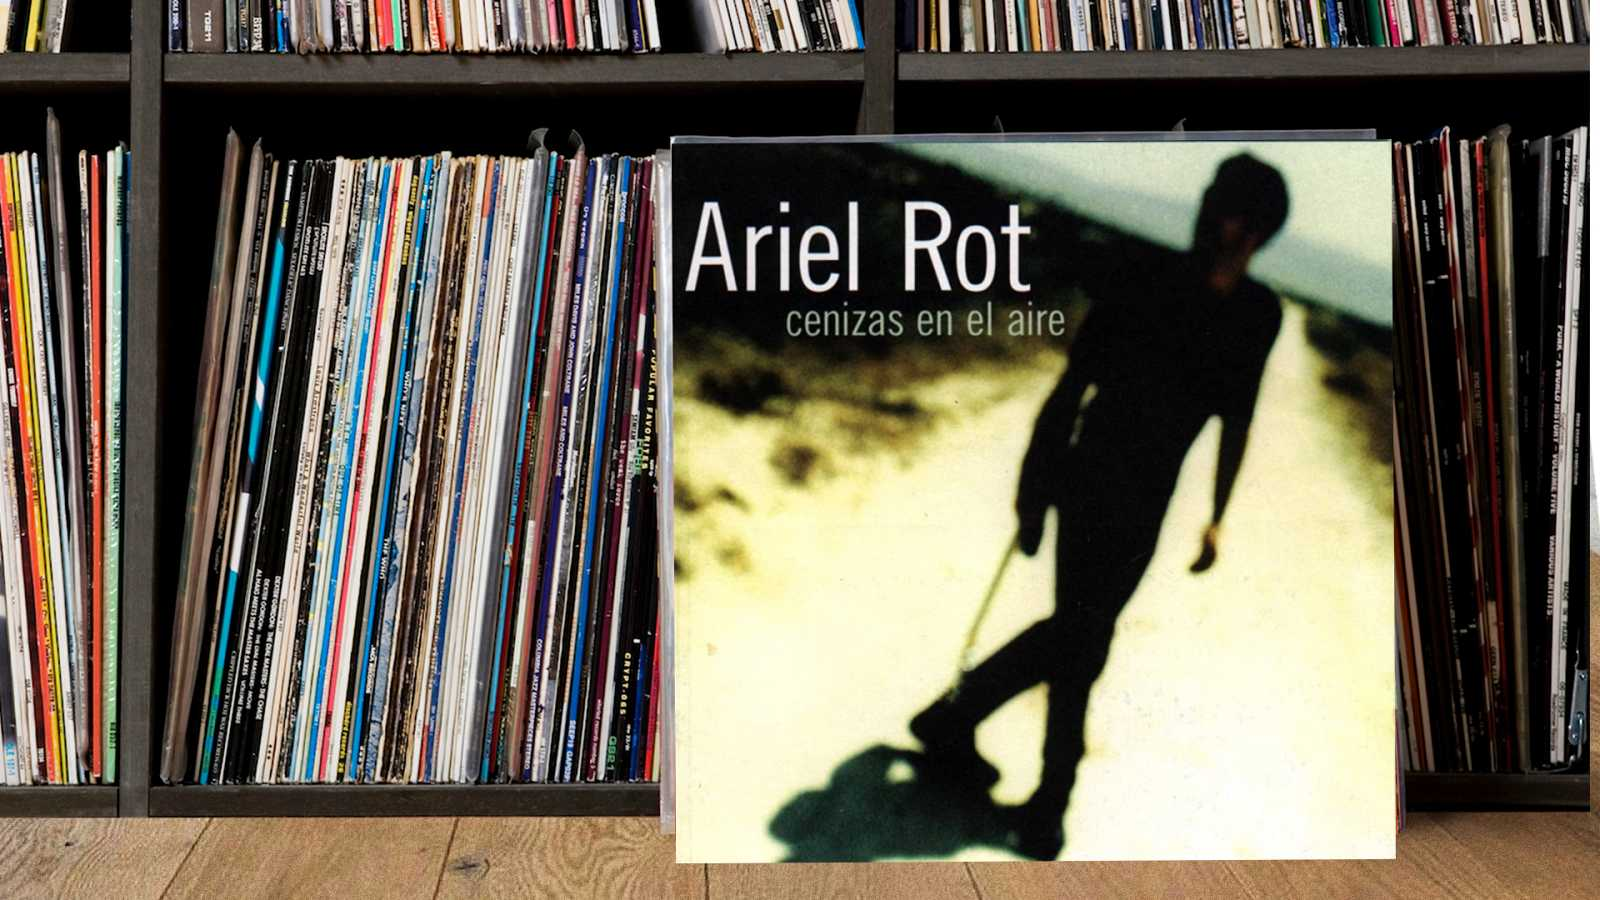 Doce Pulgadas - Ariel Rot - Cenizas en el aire (II) - 13/05/21 - escuchar ahora